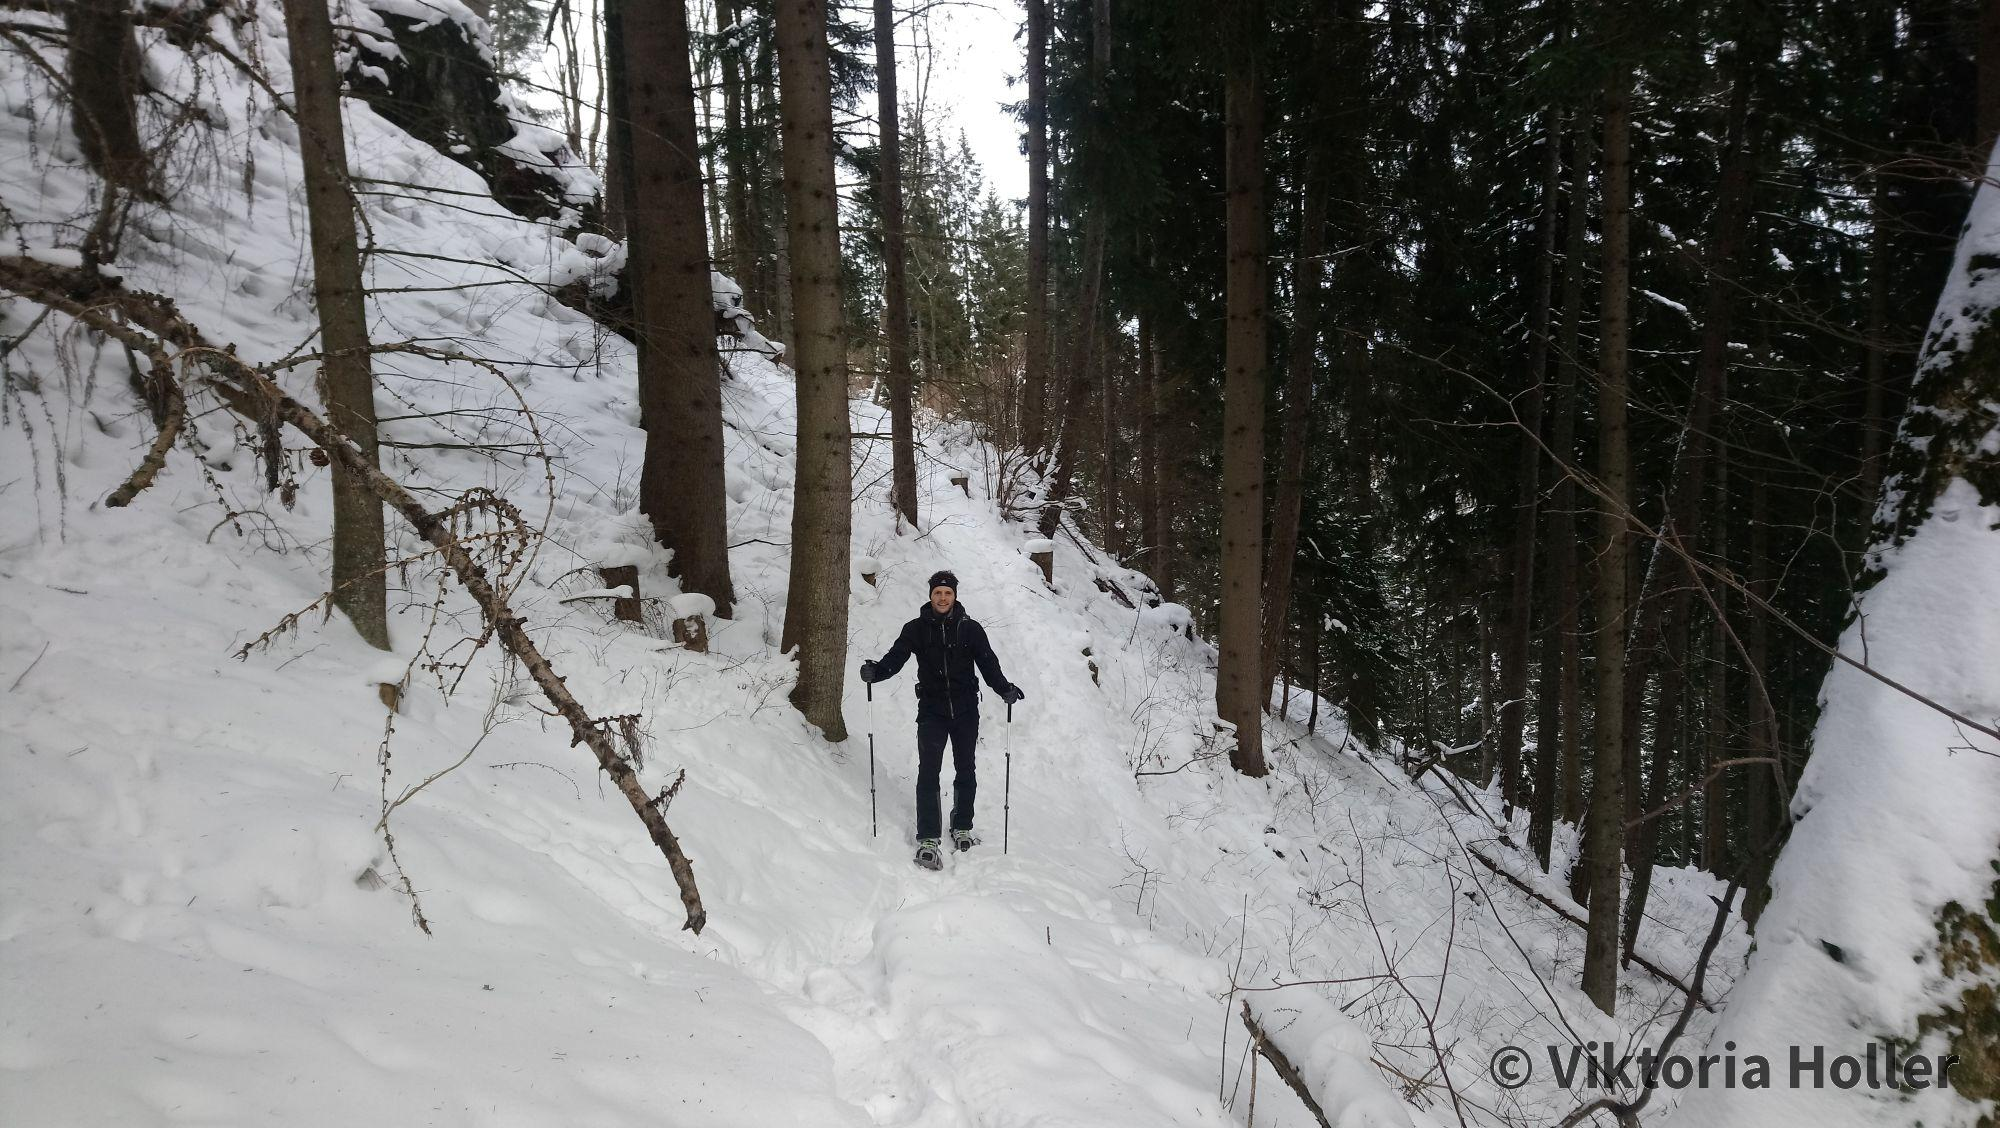 Rennfeld Schneeschuhwanderung – outdoorblog viktoria-holler at